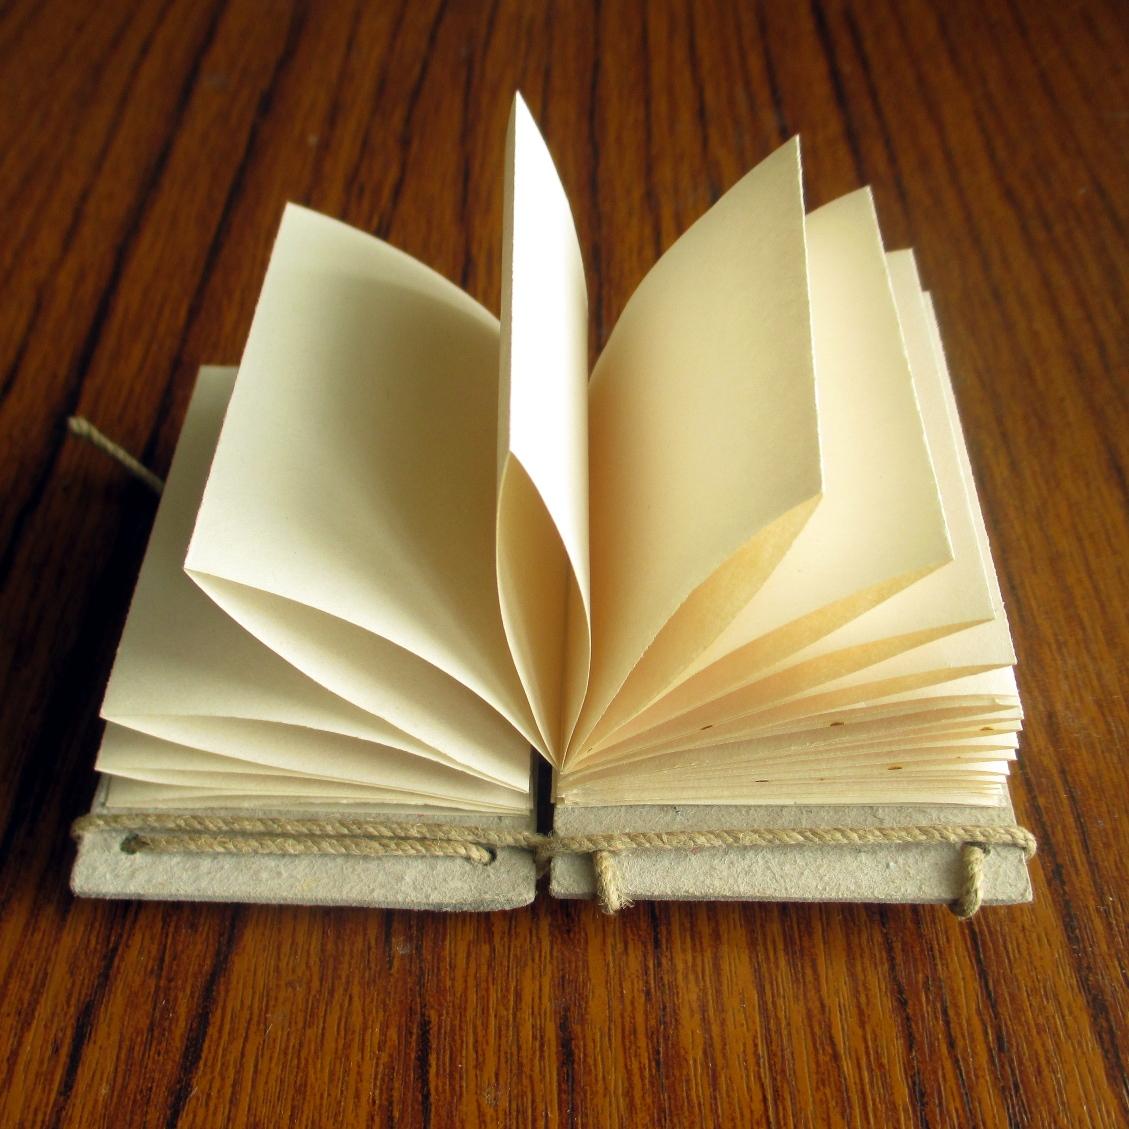 Encuadernación en acordeón para libros.